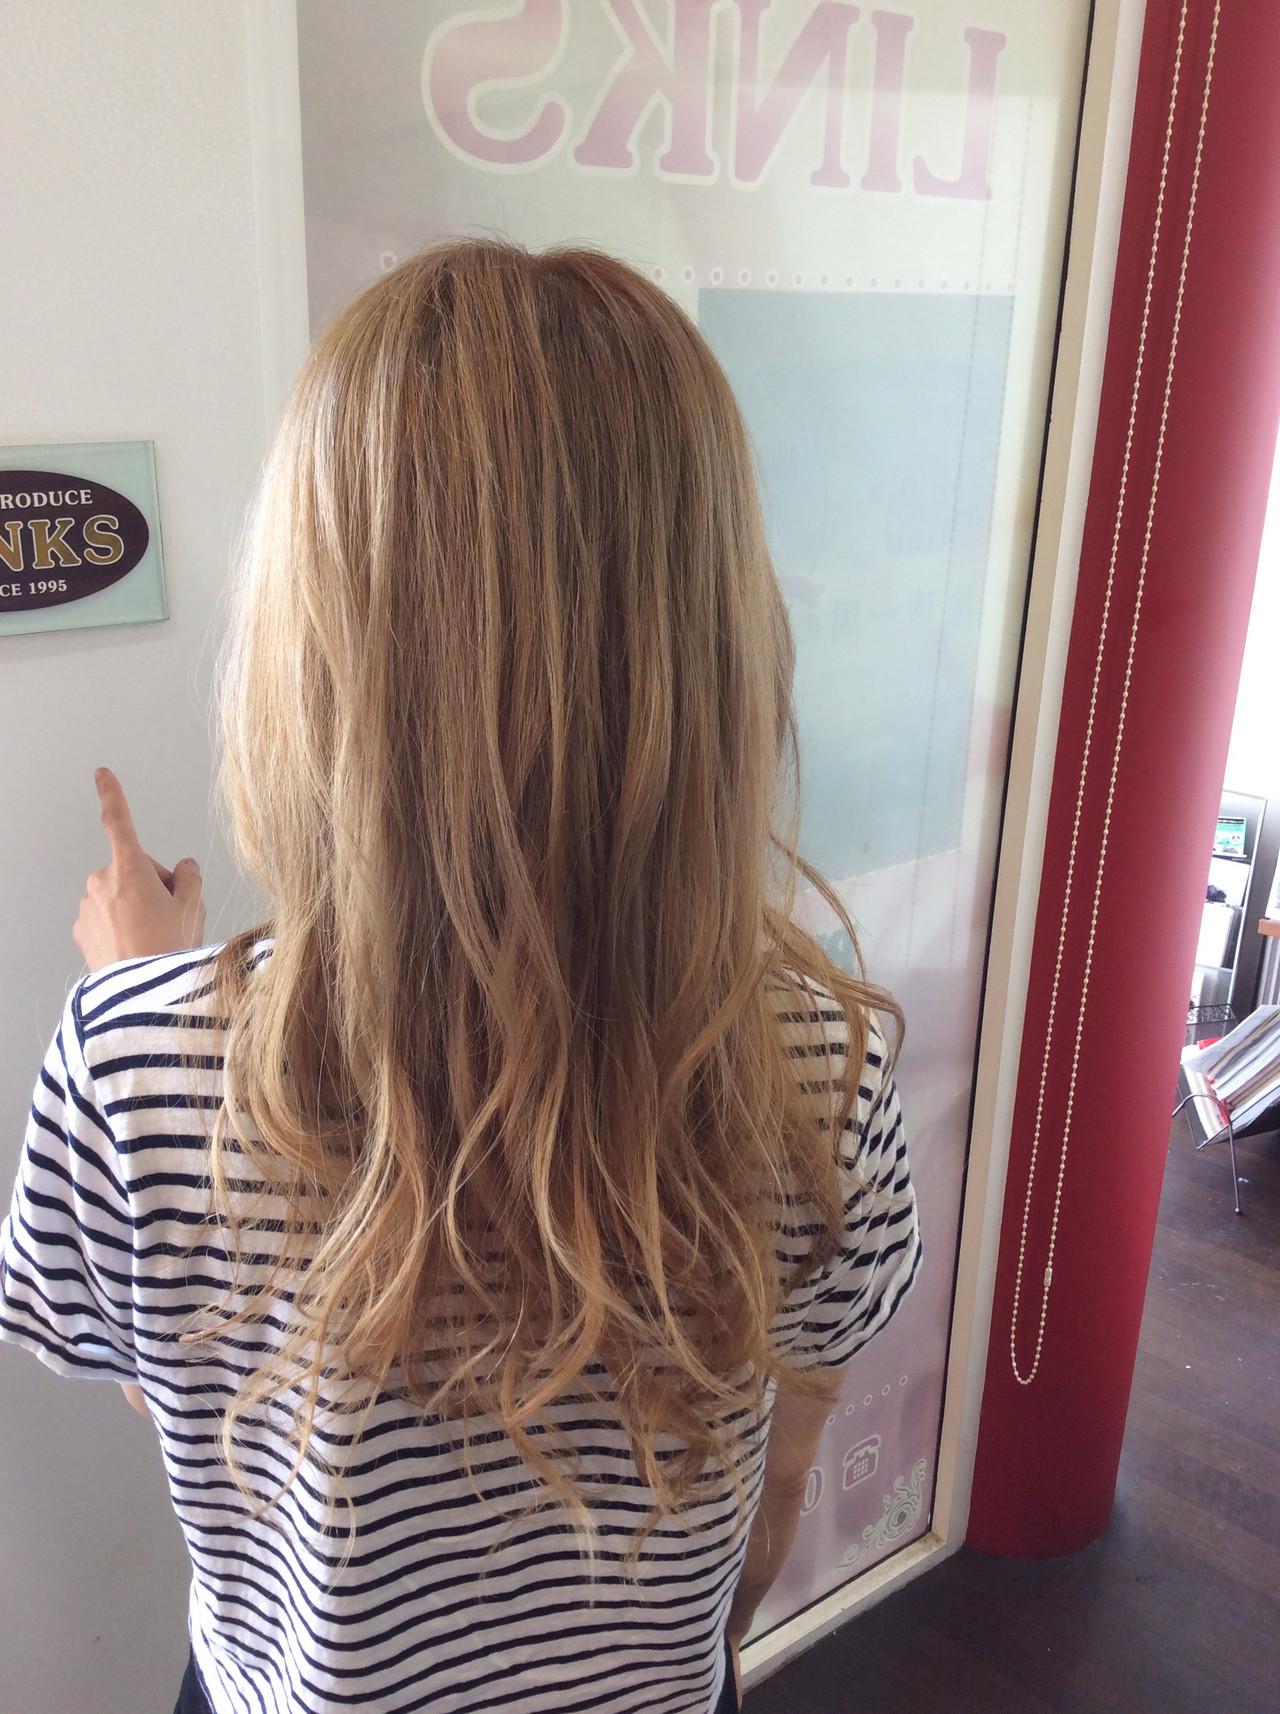 外国人風のガーリーなセミロングのイルミナカラー rumiLINKS美容室リンクス美容室